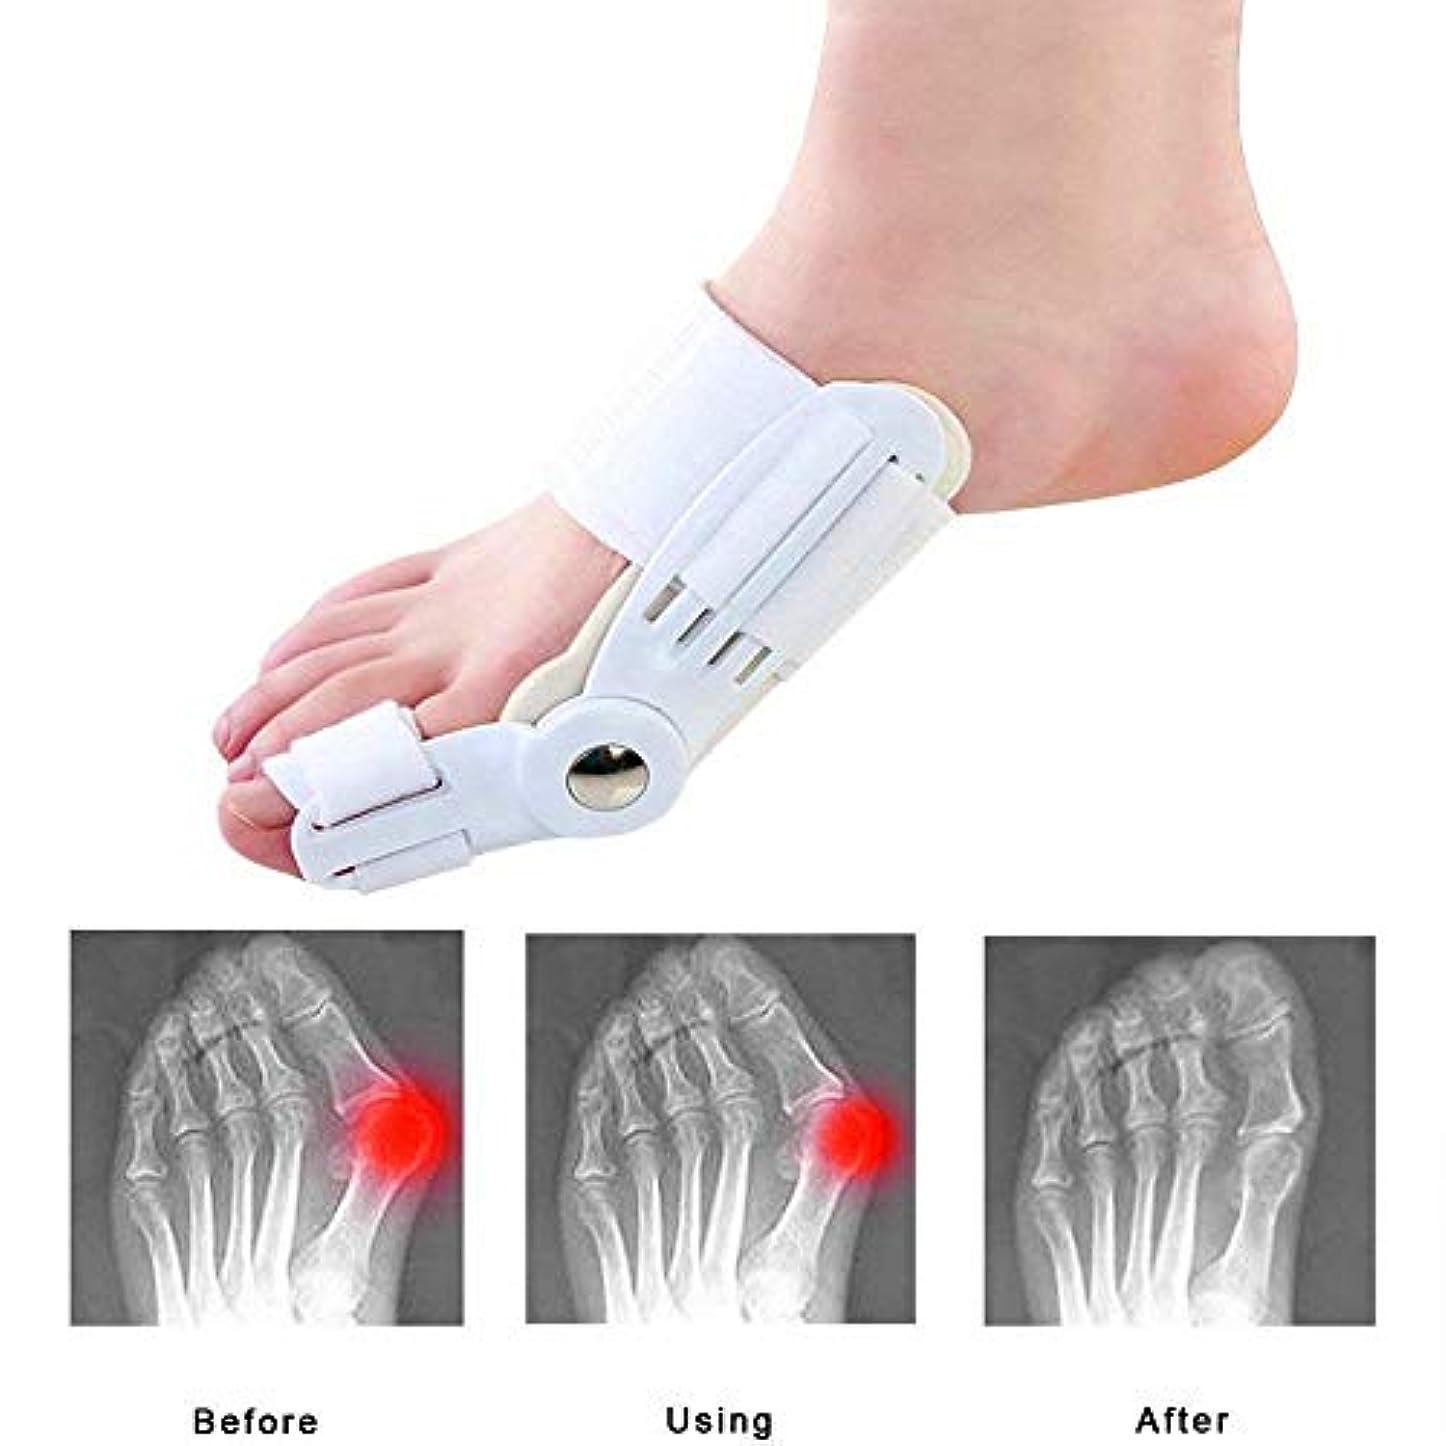 友だち解明一晩つま先のセパレーターと矯正、外反母A援助スプリント、痛みを軽減する腱膜瘤補正、ウォーキングトゥアライナー2 PCSを毎日使用